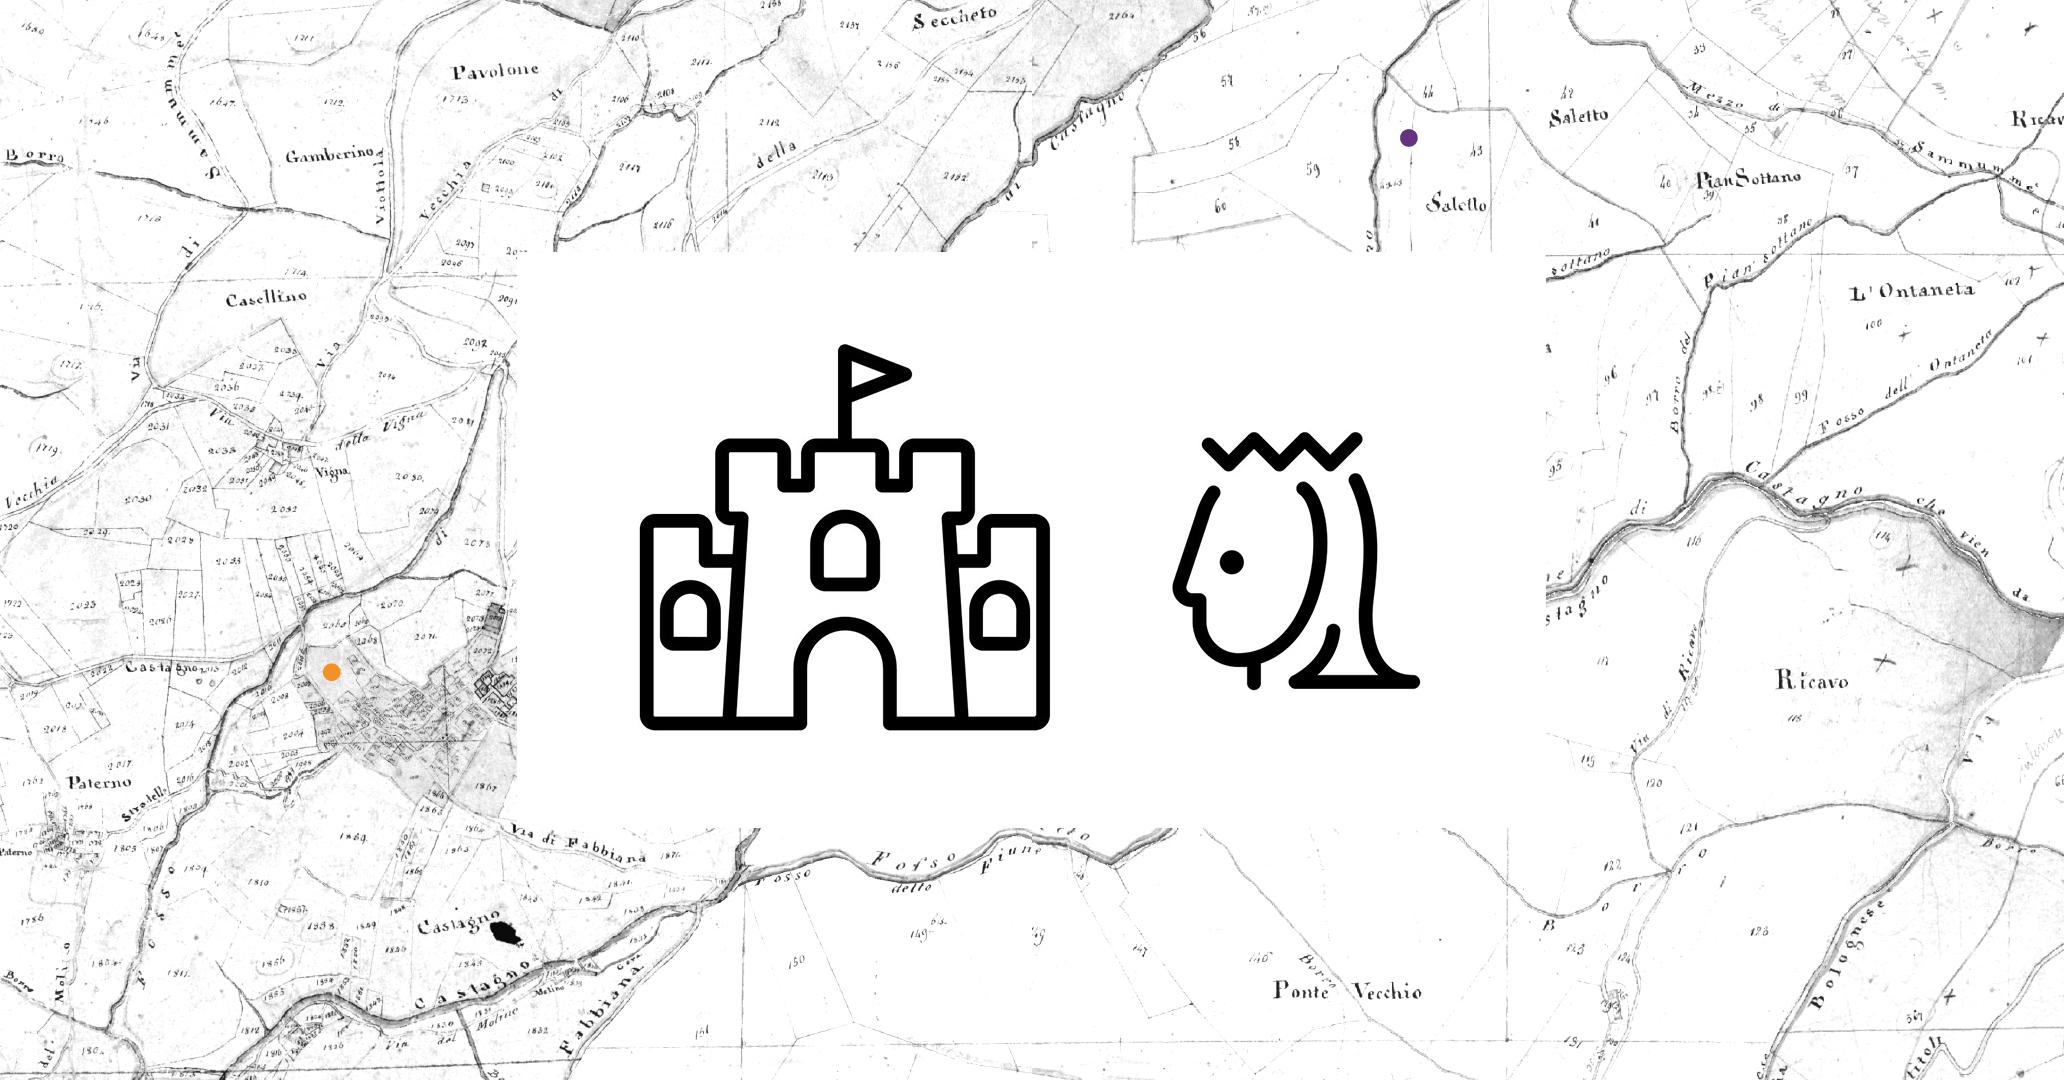 Una ricognizione della zona ha rivelato le tracce di un'antica costruzione, con un grande bastione a forma quadrangolare e la base di u torrione longobardo. Nel catasto granducale, la zona è segnata col nome di Saletto. Sulla mappa catastale del 1835, graficamente riportata qui sopra, è segnato a sinistra il paese di Castagno e poco più in alto, a destra, il Castello di Castagno (a circa due chilometri di distanza dal borgo, nella zona di Saletto).